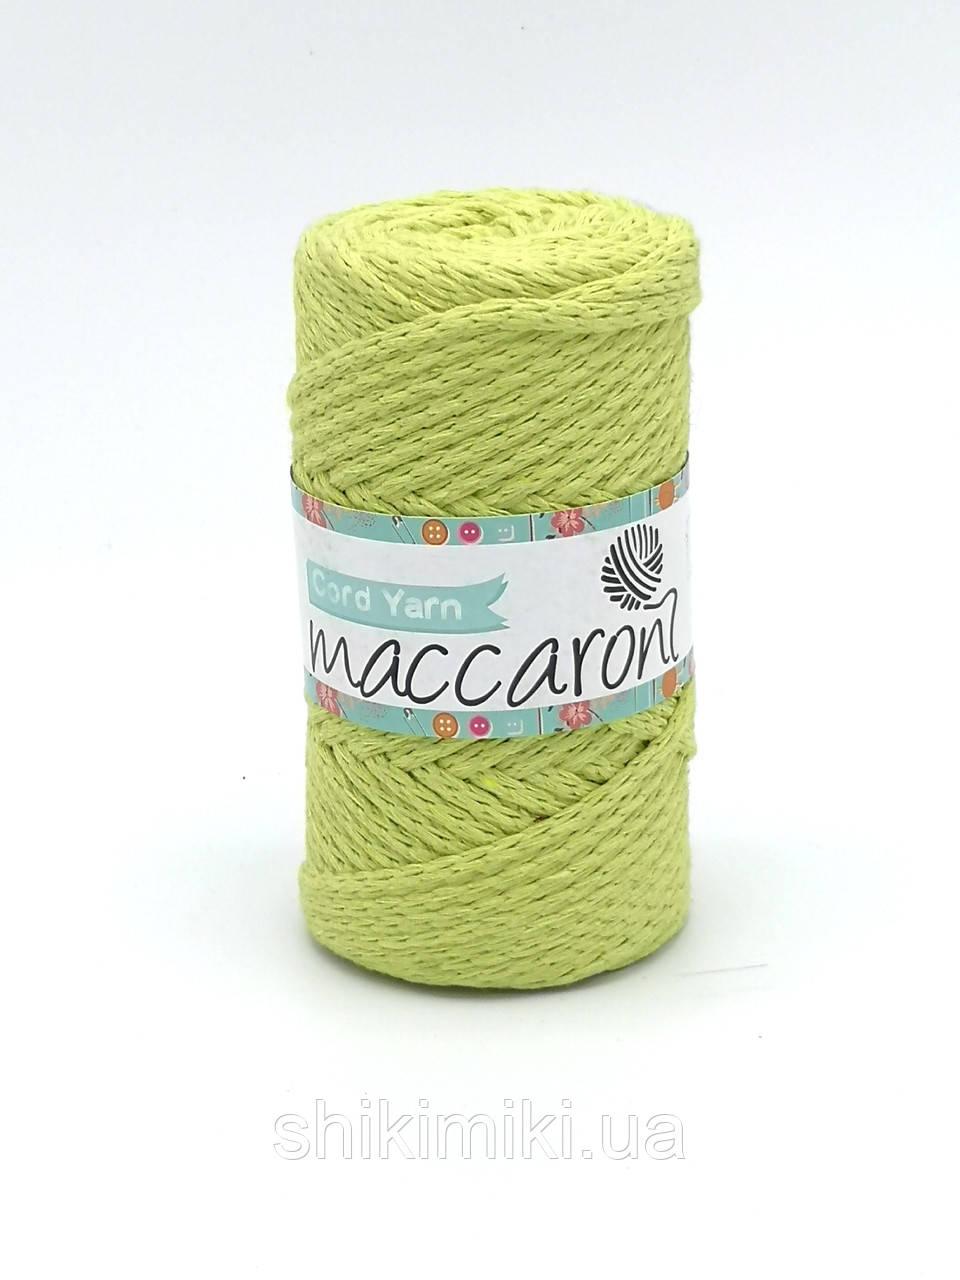 Трикотажный хлопковый шнур Maccaroni Cord YARN , цвет фисташковый